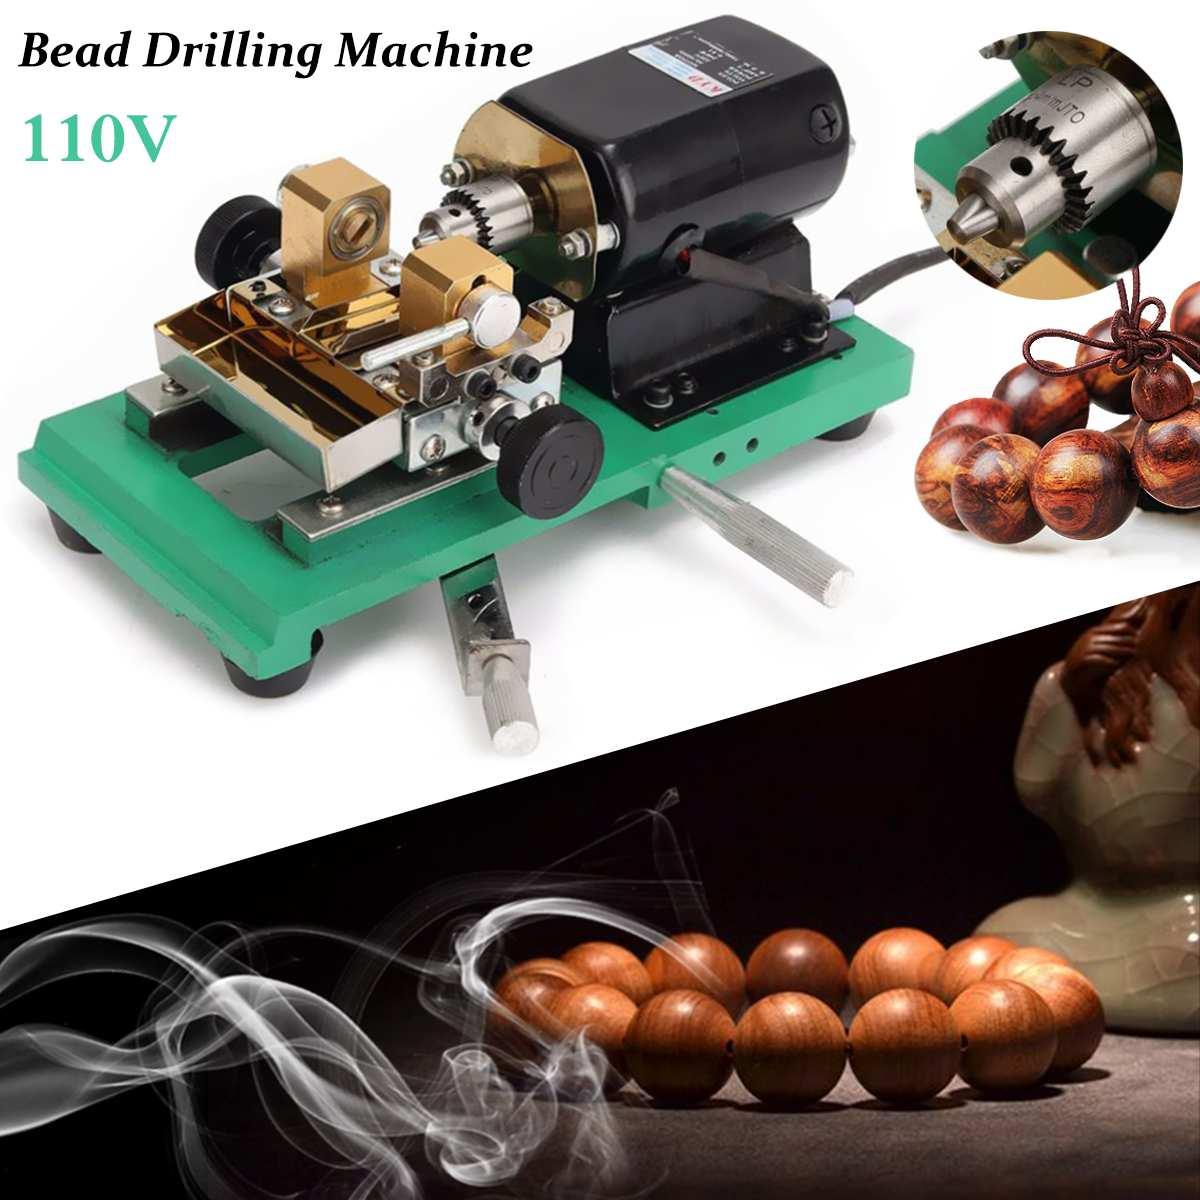 300 W CNC Mini drehmaschine maschine werkzeuge DIY Holzbearbeitung Buddha Perle Schleifen Polieren Perlen Holz drehmaschine Bohrer Dreh Werkzeug 110 V